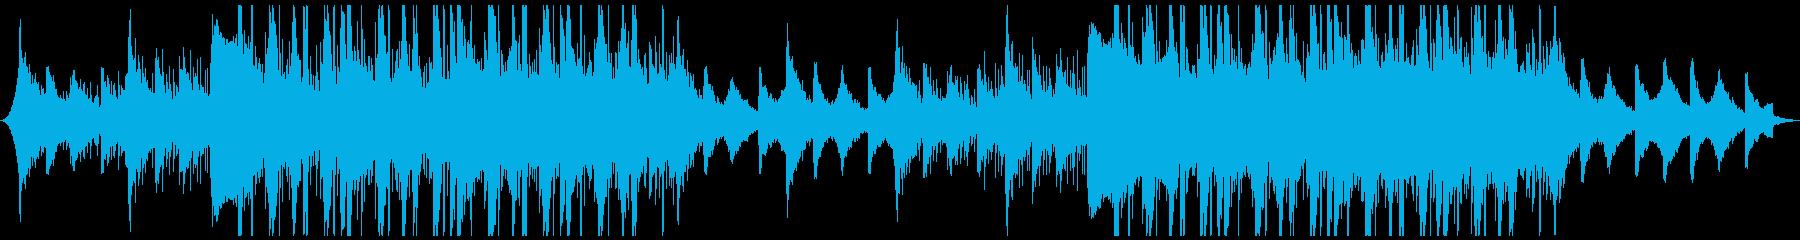 ハイテク企業音楽の再生済みの波形